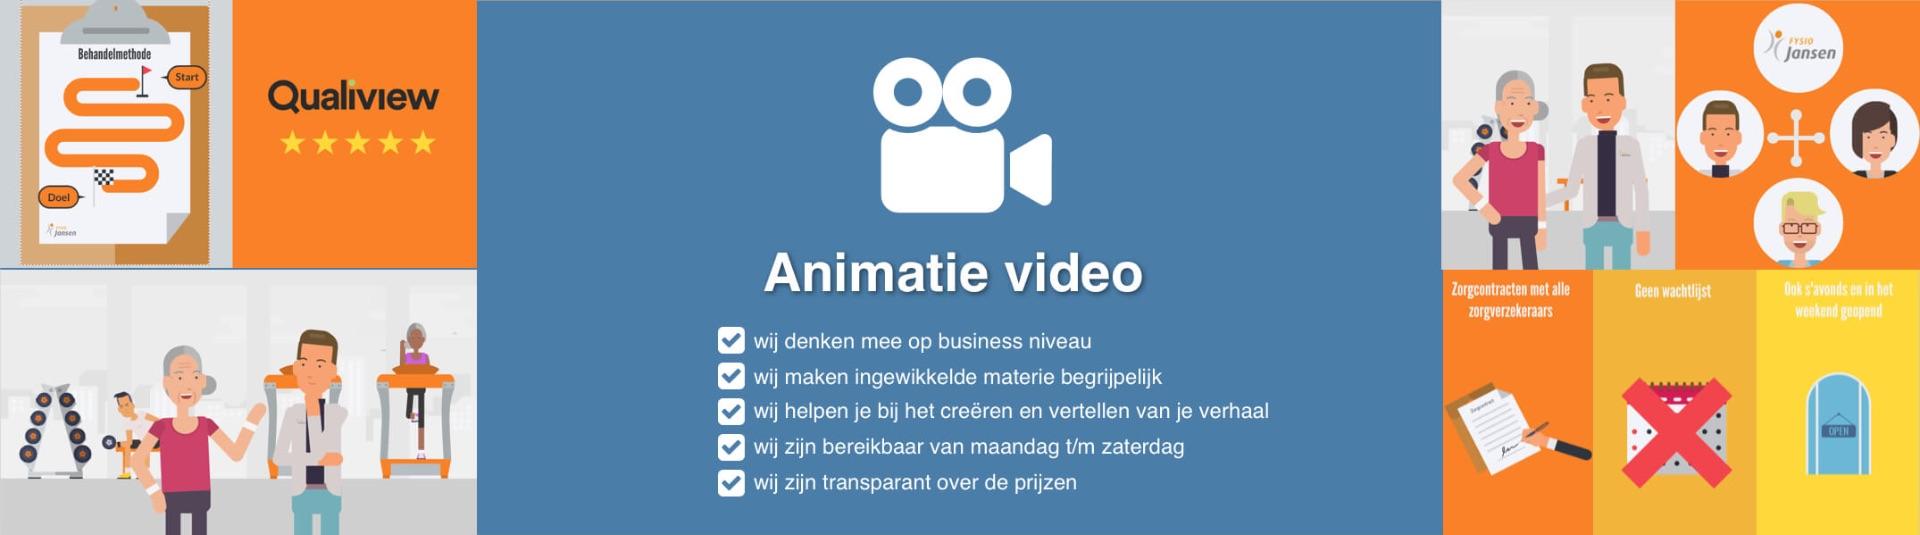 Animatie video voor je praktijk